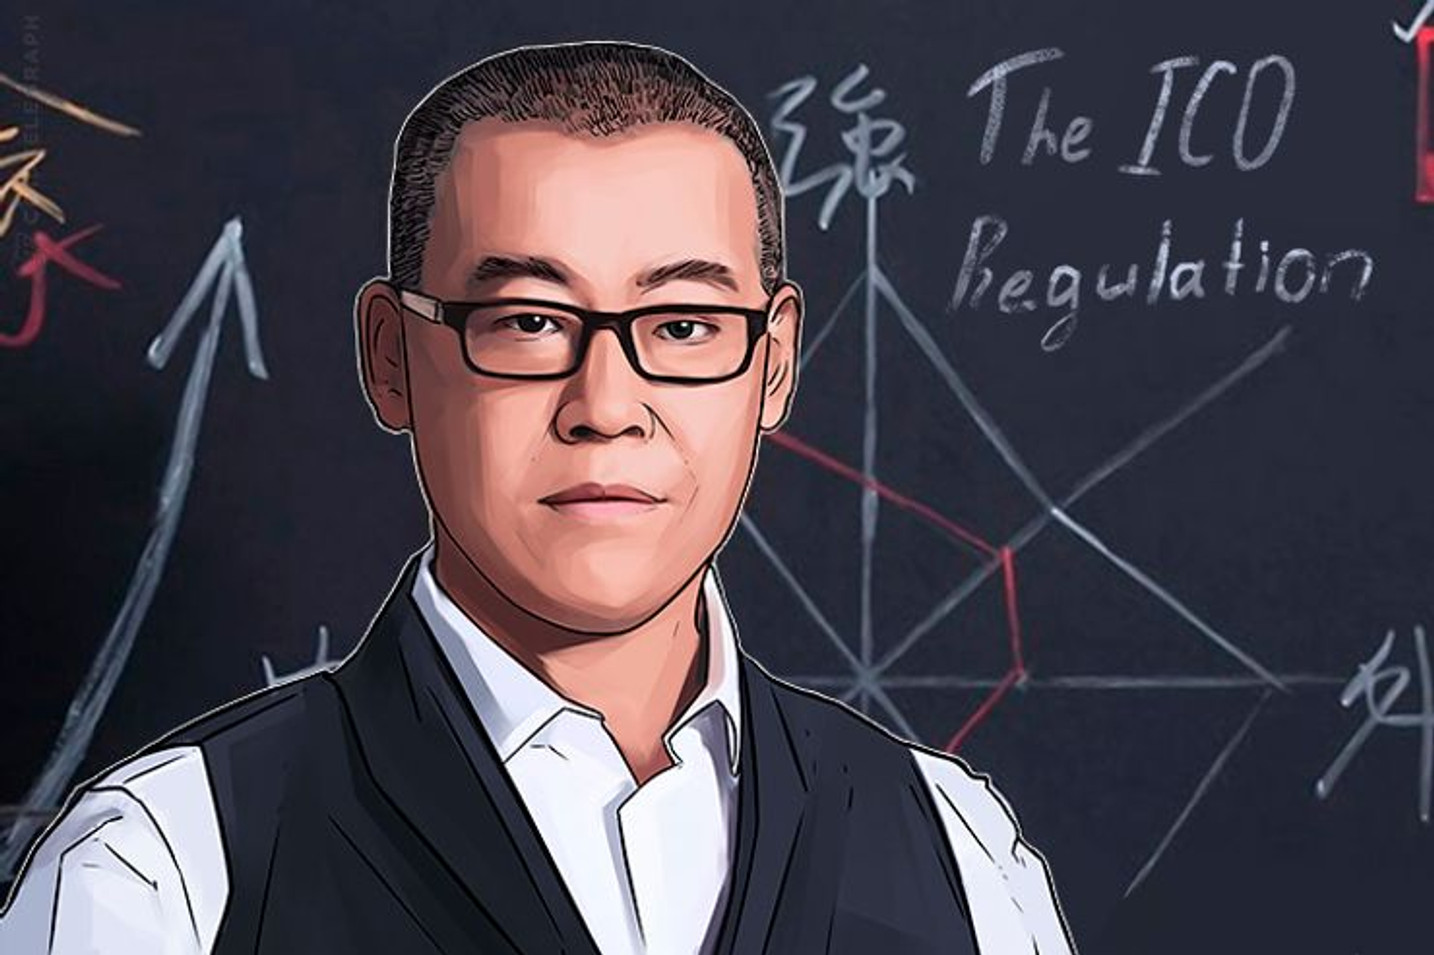 【動画あり】「日本円版テザー」の深謀遠慮  中国仮想通貨界のクジラたちが日本円に目を付けた!